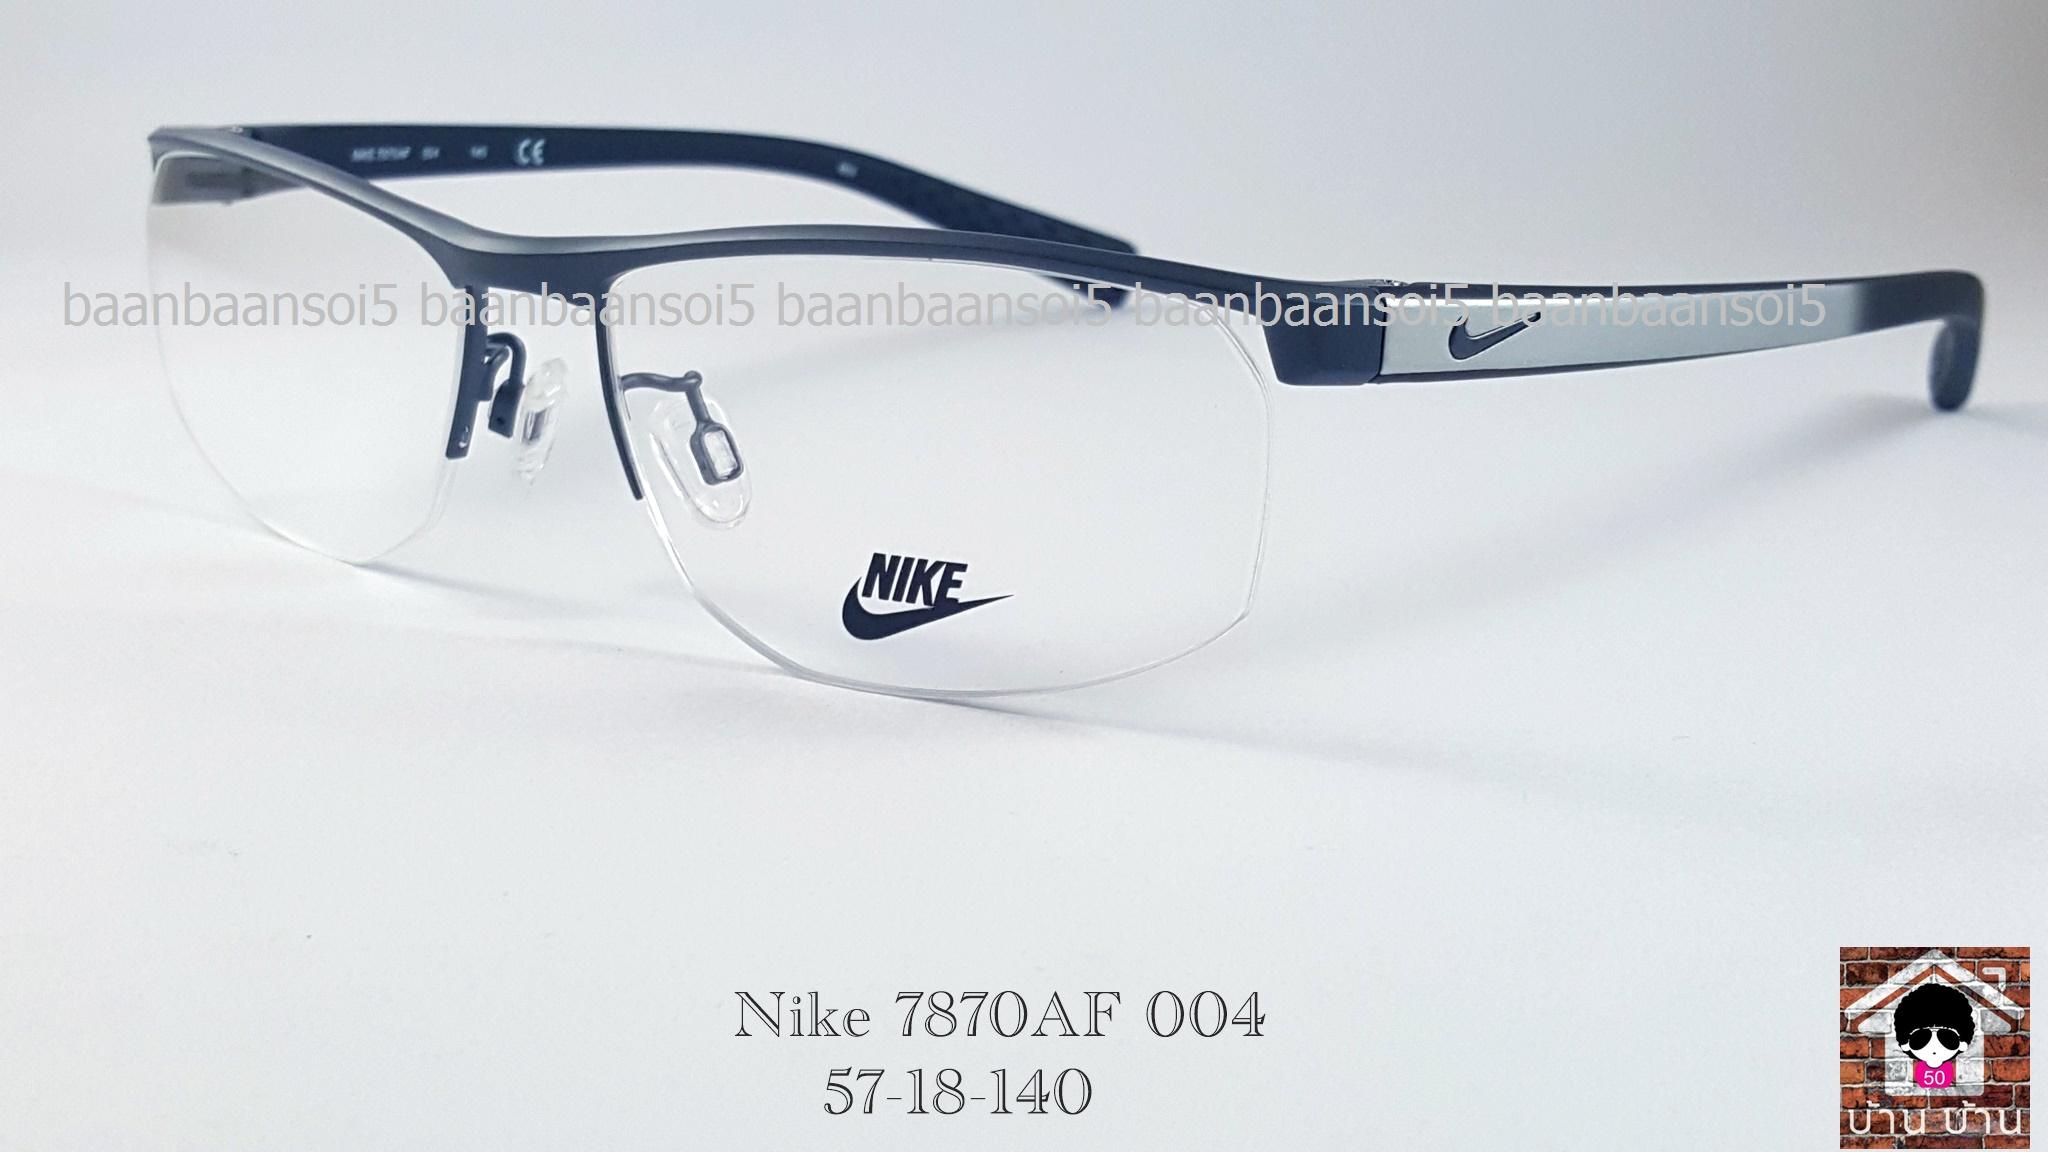 NIKE BRAND ORIGINALแท้ 7870AF 004 กรอบแว่นตาพร้อมเลนส์ มัลติโค๊ตHOYA ป้องกันรังสีคอม 4,200 บาท